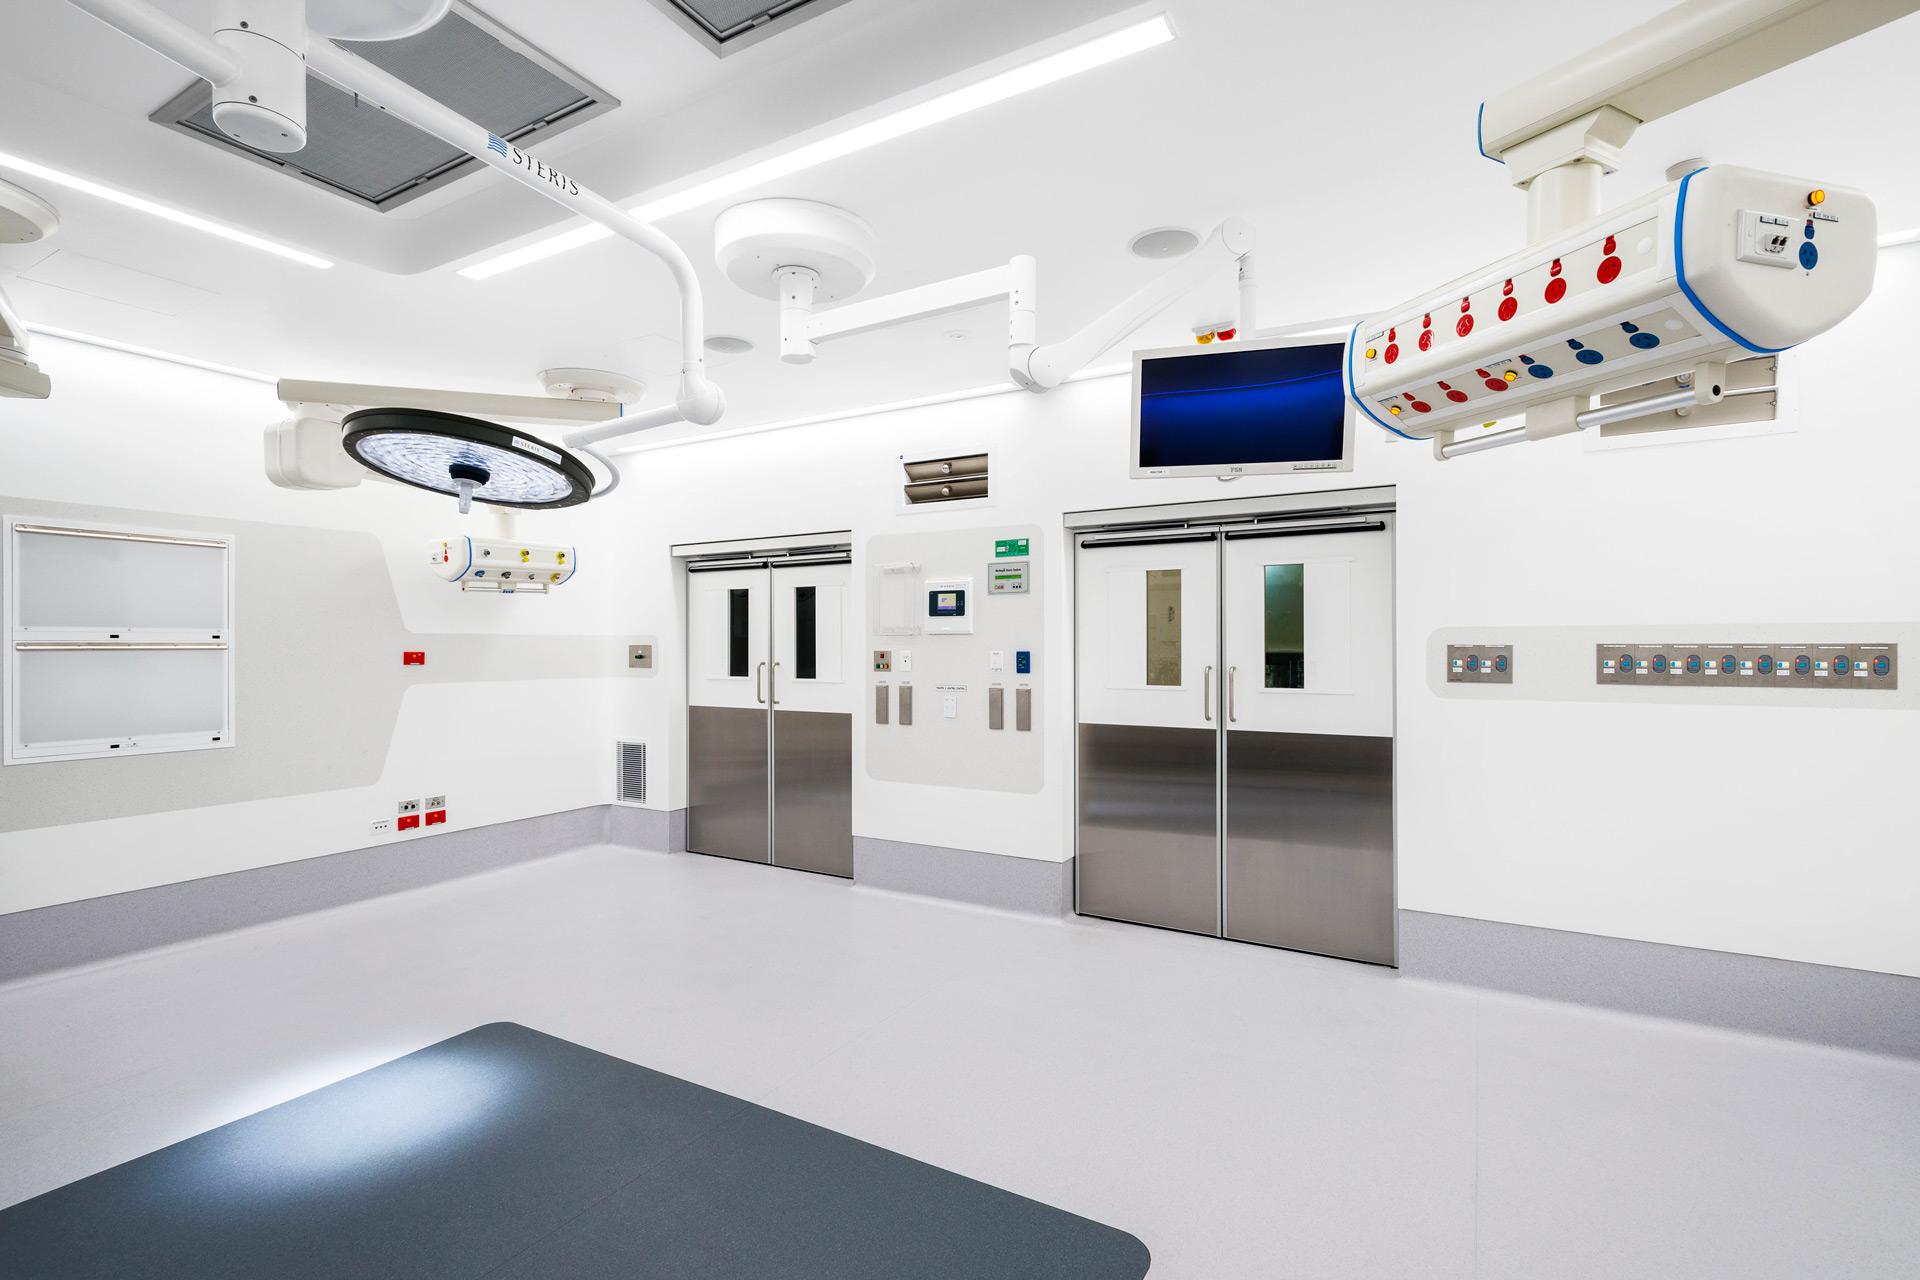 st-vincent-hospital-1